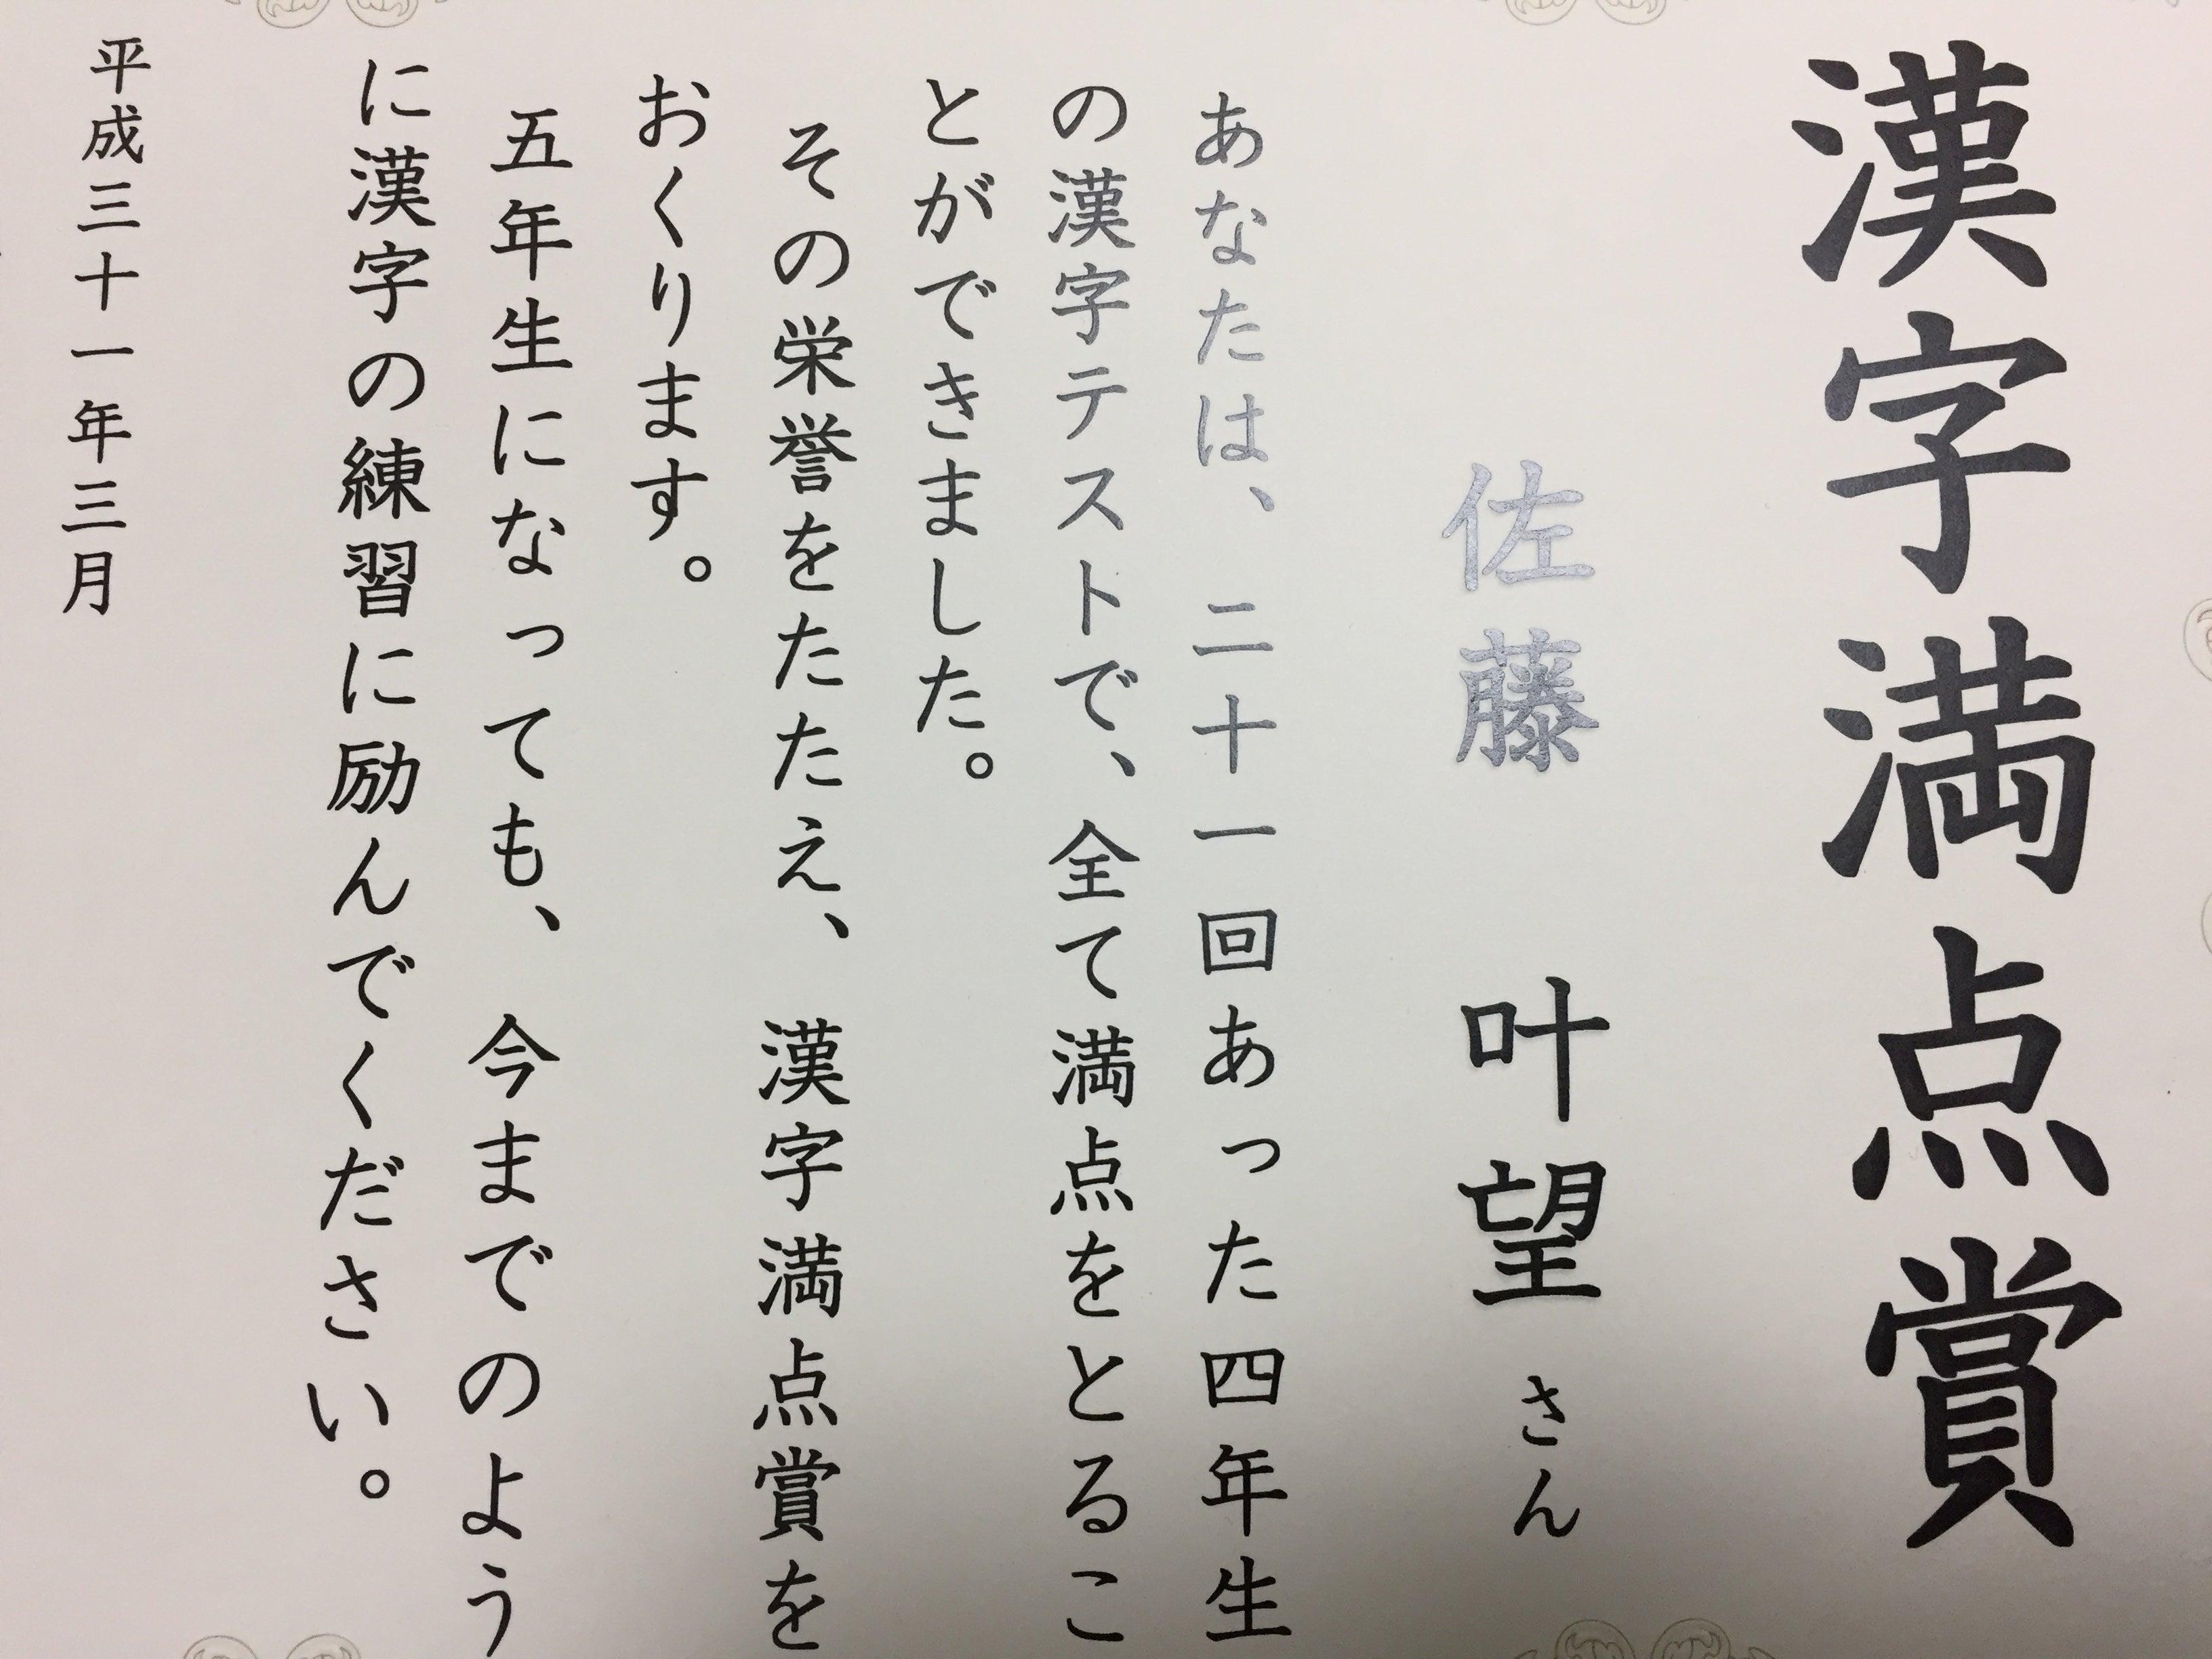 漢字テスト対策攻略法 デンジャラスノッチ嫁 佐藤友美